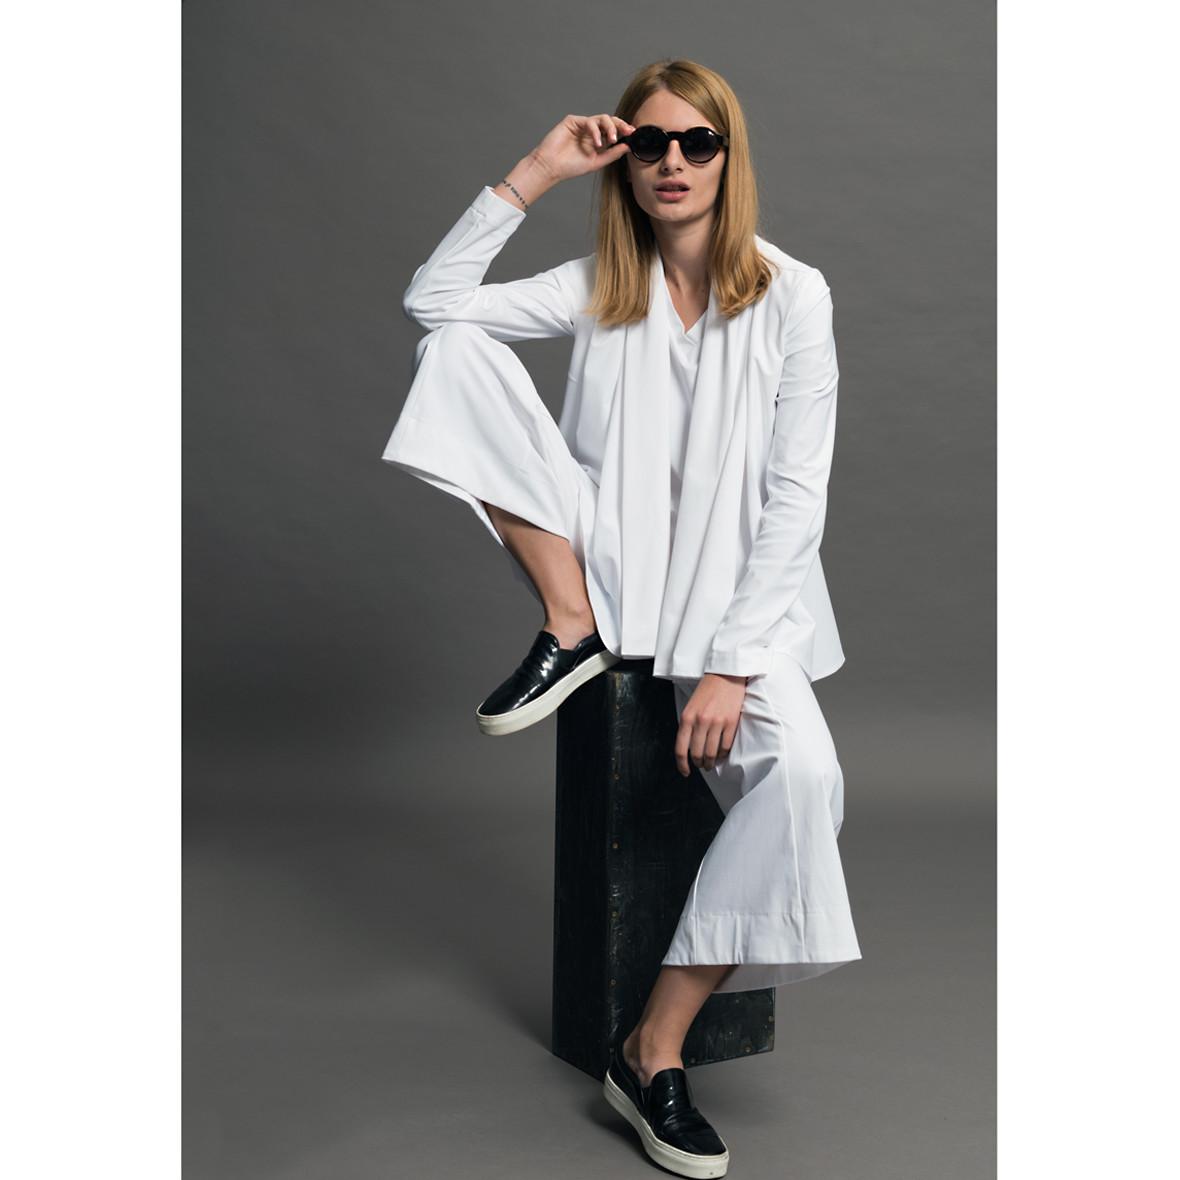 magdalena-ernst-modedesign-blog